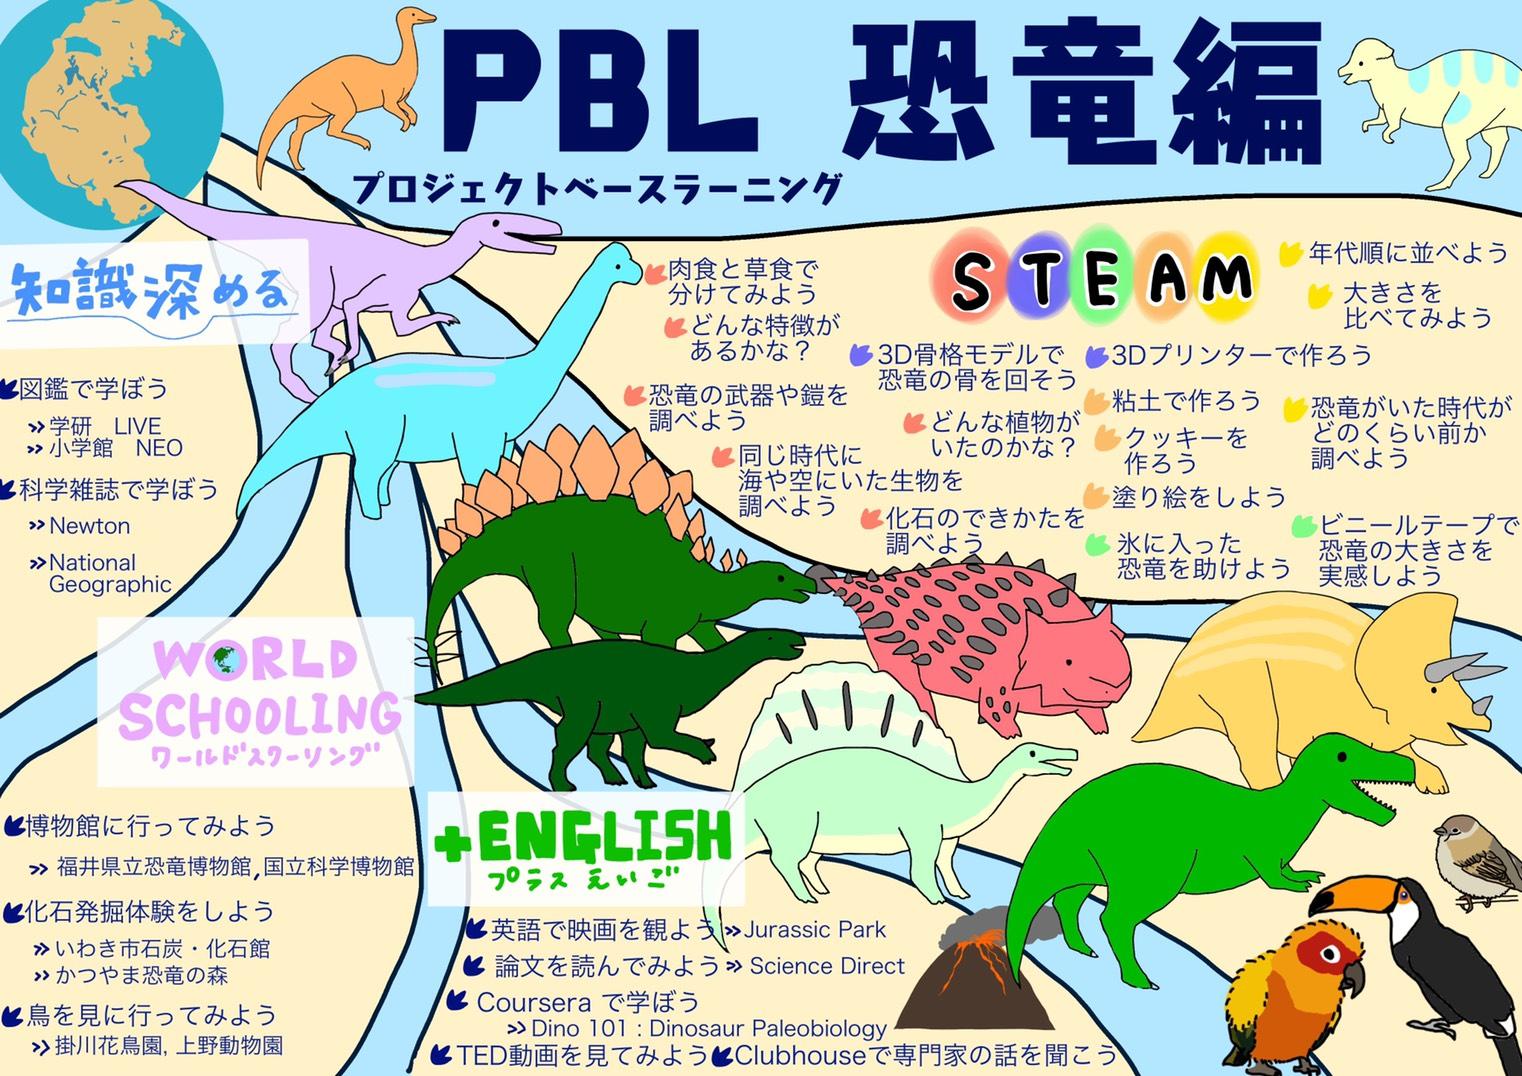 恐竜PBL